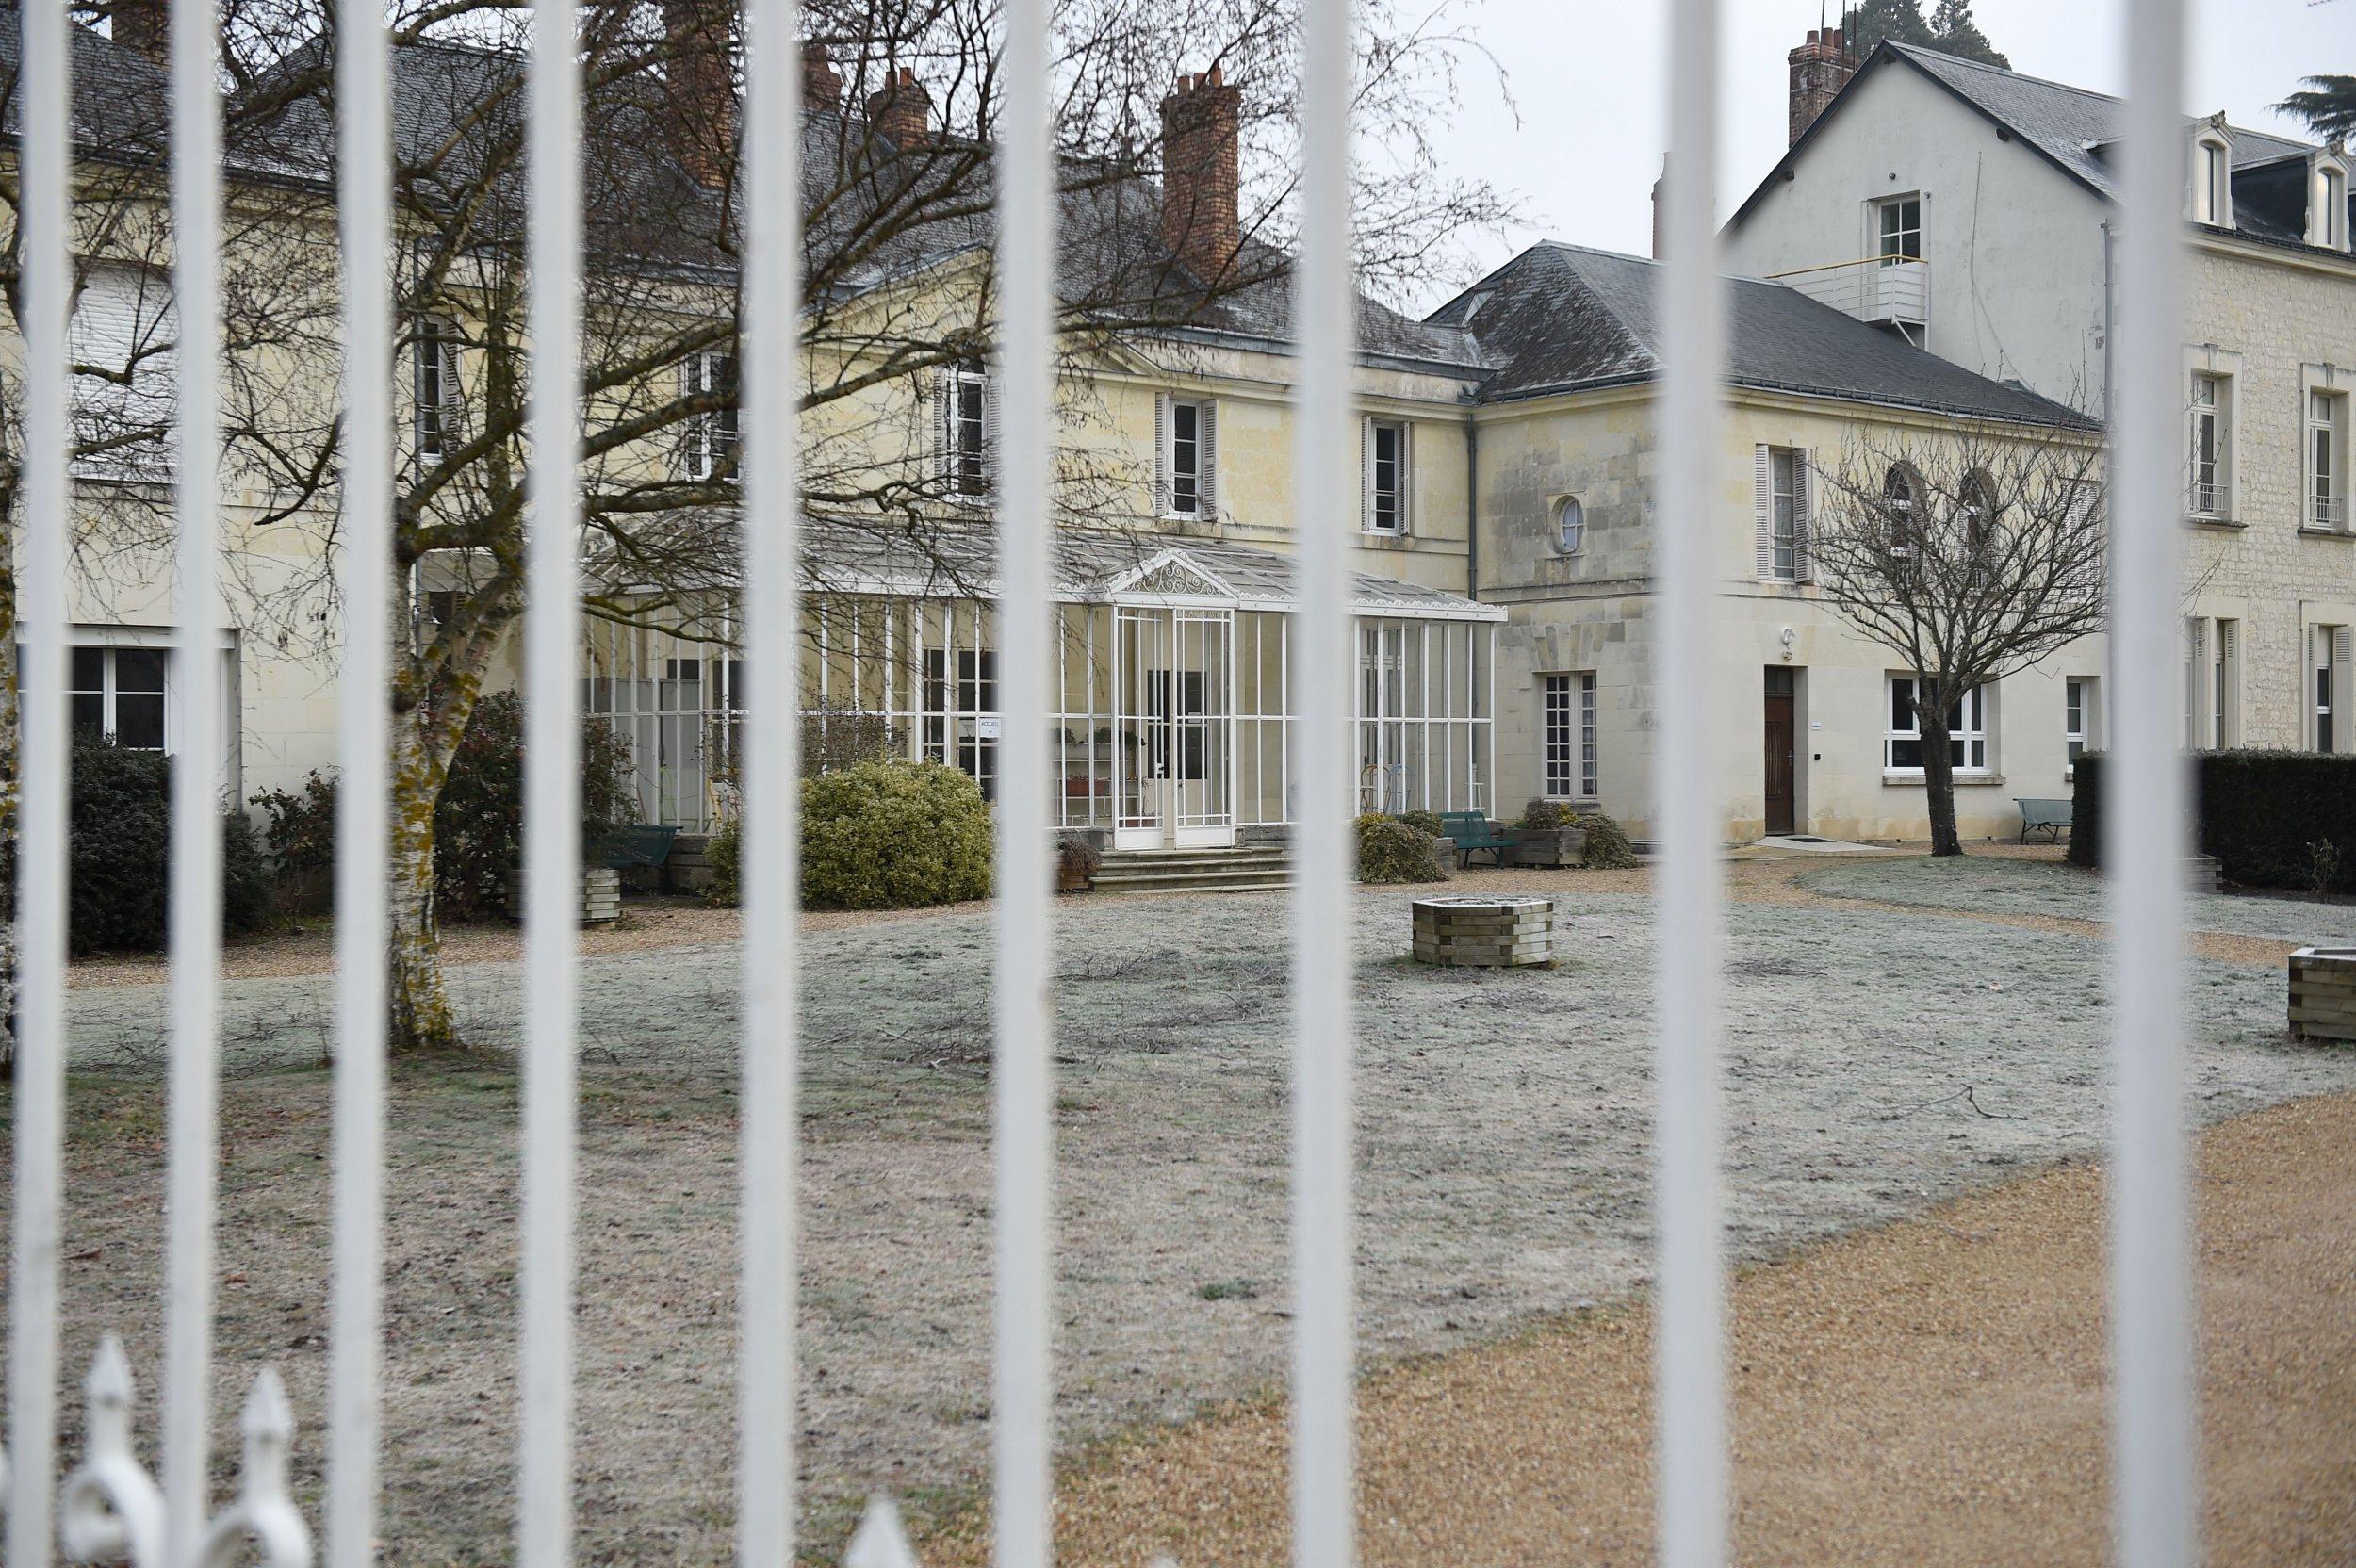 France De-Radicalization Center